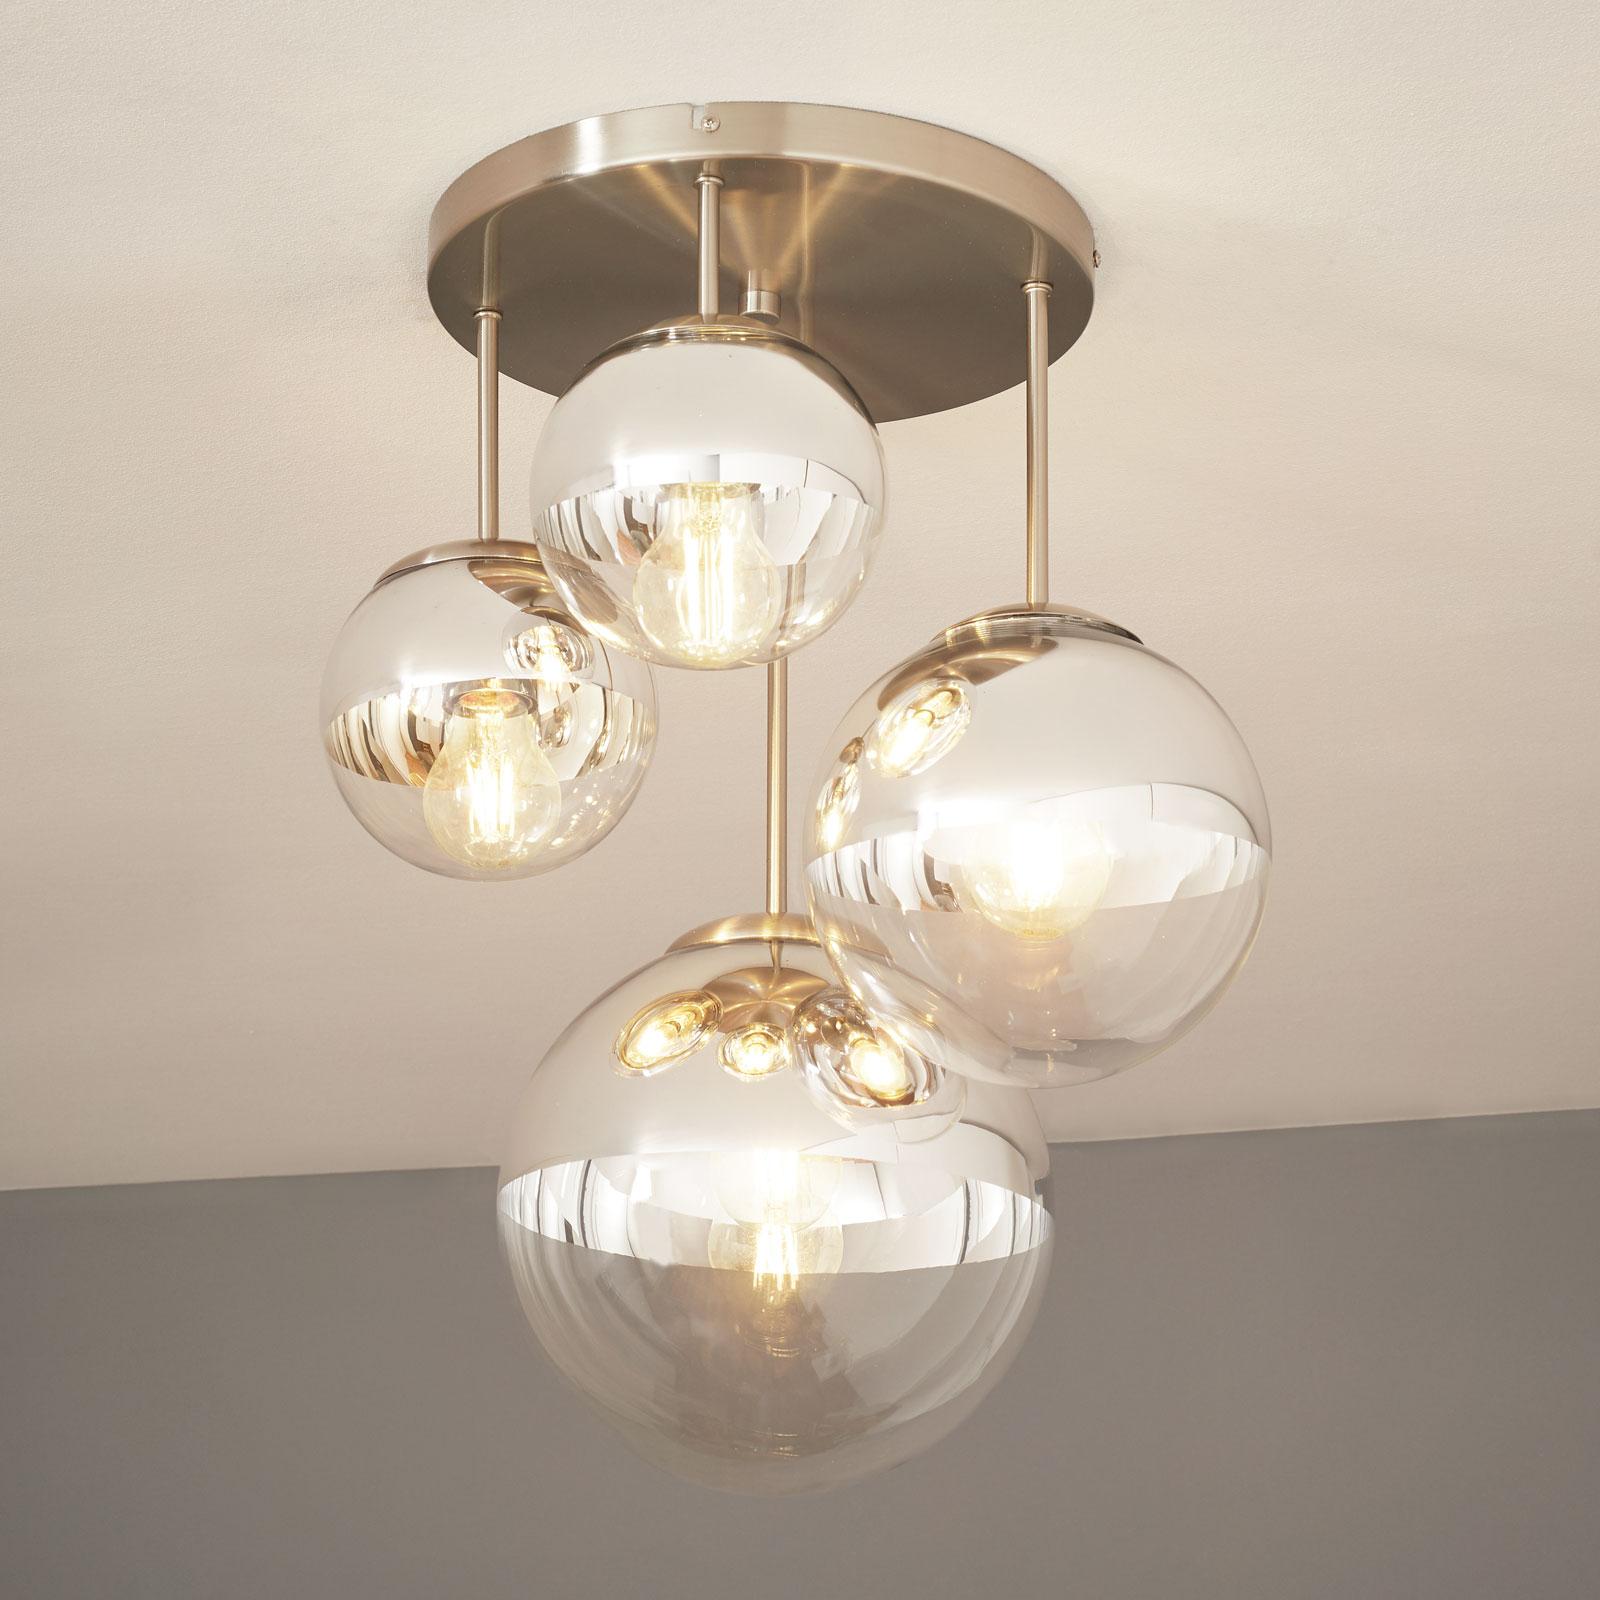 Plafondlamp Ravena met bollen, vier lampen